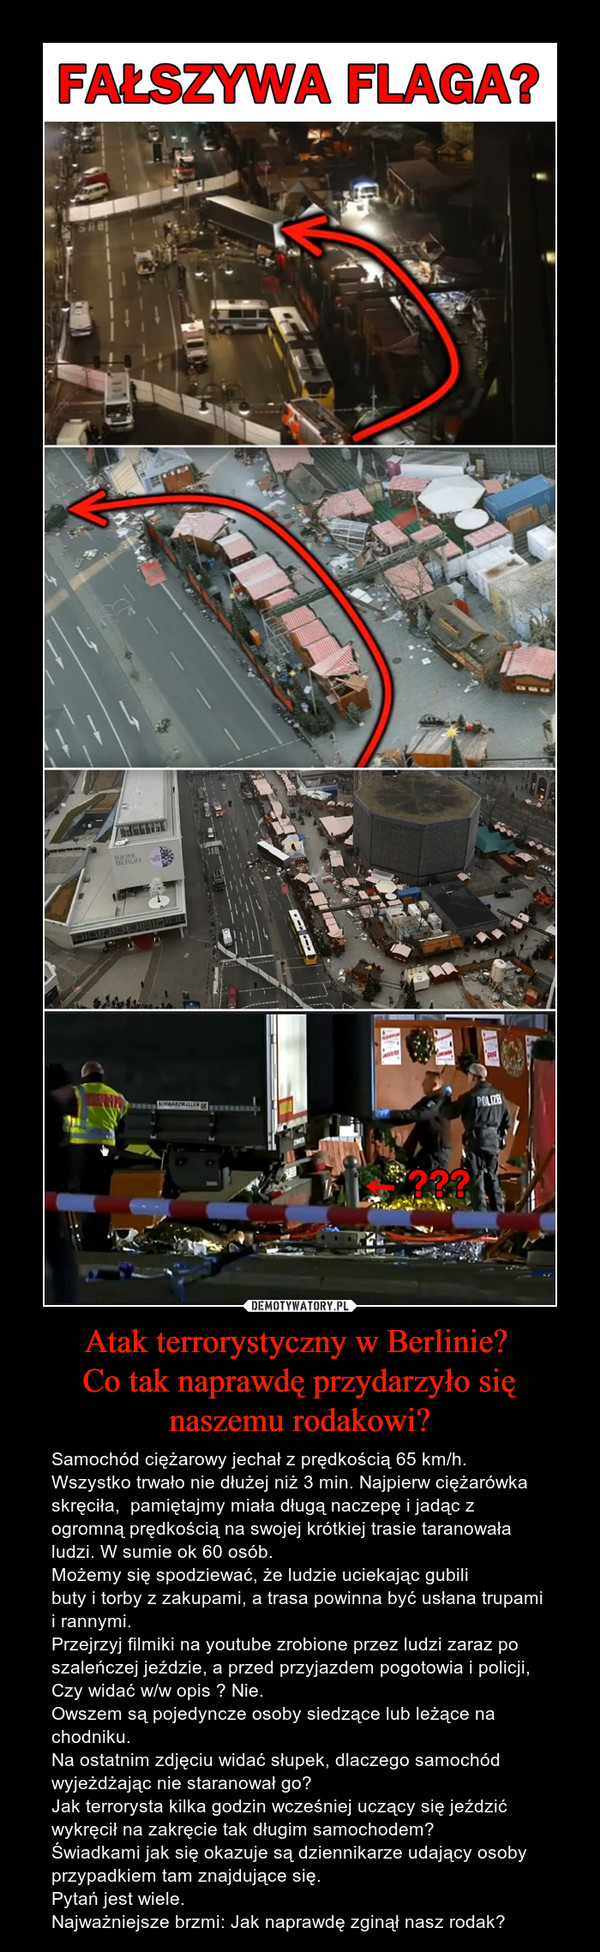 Atak terrorystyczny w Berlinie? Co tak naprawdę przydarzyło się naszemu rodakowi? – Samochód ciężarowy jechał z prędkością 65 km/h. Wszystko trwało nie dłużej niż 3 min. Najpierw ciężarówka skręciła,  pamiętajmy miała długą naczepę i jadąc z ogromną prędkością na swojej krótkiej trasie taranowała ludzi. W sumie ok 60 osób. Możemy się spodziewać, że ludzie uciekając gubili buty i torby z zakupami, a trasa powinna być usłana trupami i rannymi.Przejrzyj filmiki na youtube zrobione przez ludzi zaraz po szaleńczej jeździe, a przed przyjazdem pogotowia i policji, Czy widać w/w opis ? Nie.Owszem są pojedyncze osoby siedzące lub leżące na chodniku.Na ostatnim zdjęciu widać słupek, dlaczego samochód wyjeżdżając nie staranował go?Jak terrorysta kilka godzin wcześniej uczący się jeździć wykręcił na zakręcie tak długim samochodem?Świadkami jak się okazuje są dziennikarze udający osoby przypadkiem tam znajdujące się.Pytań jest wiele. Najważniejsze brzmi: Jak naprawdę zginął nasz rodak?